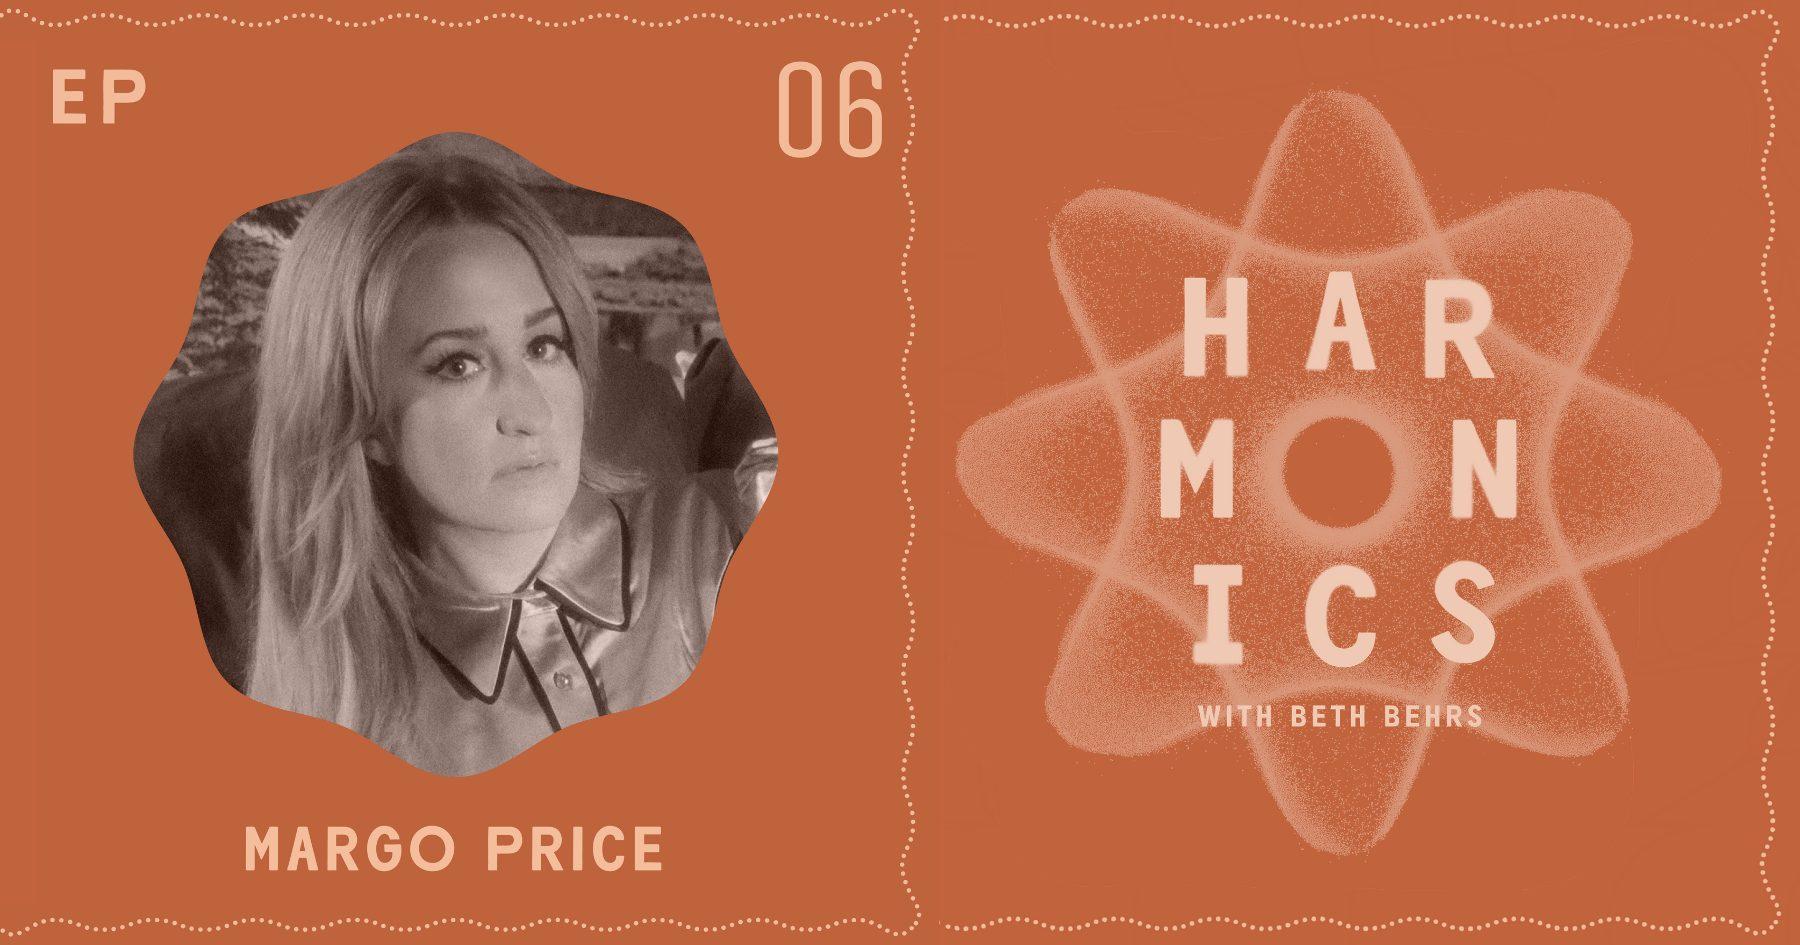 Harmonics with Beth Behrs: Margo Price